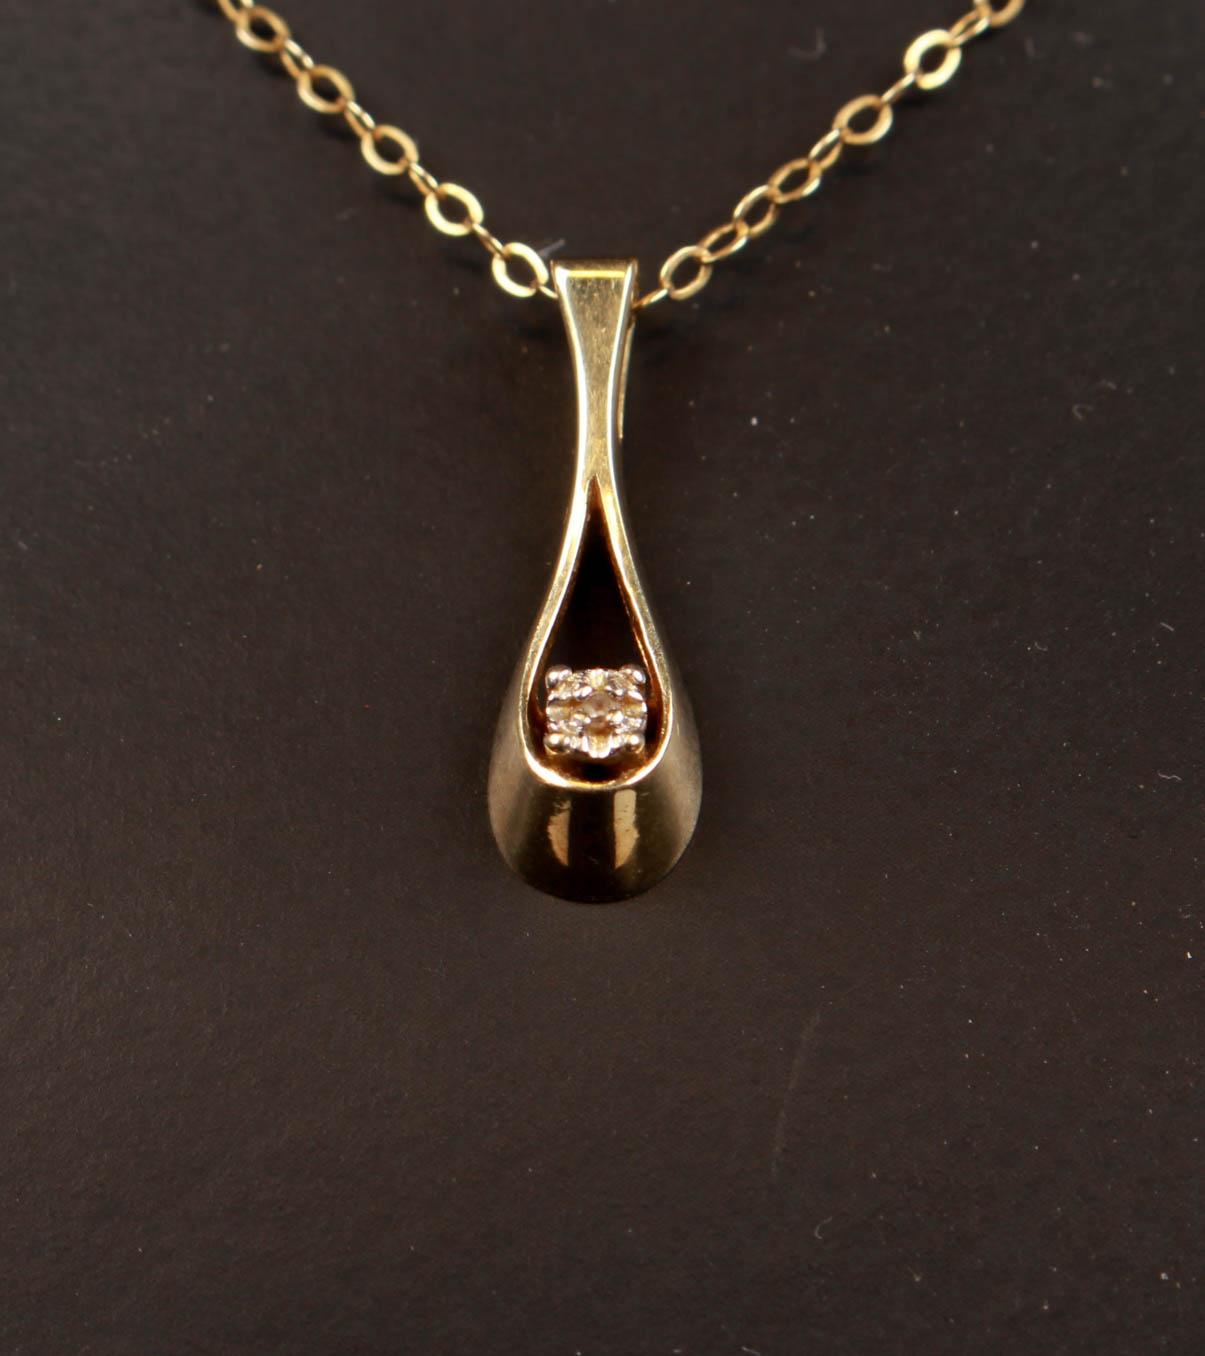 Halssmykke, 14 kt guld - Halsmykke af 14 kt guld bestående af vedhæng prydet med brillant på 0.01 ct. Farve: Crystal . Klarhed: (SI) S tilhørende halskæde, monteret med fjedrelås. L. 42 cm. Samlet vægt 2,1 gram. Fremstår med brugsspor, herunder smuds på sten